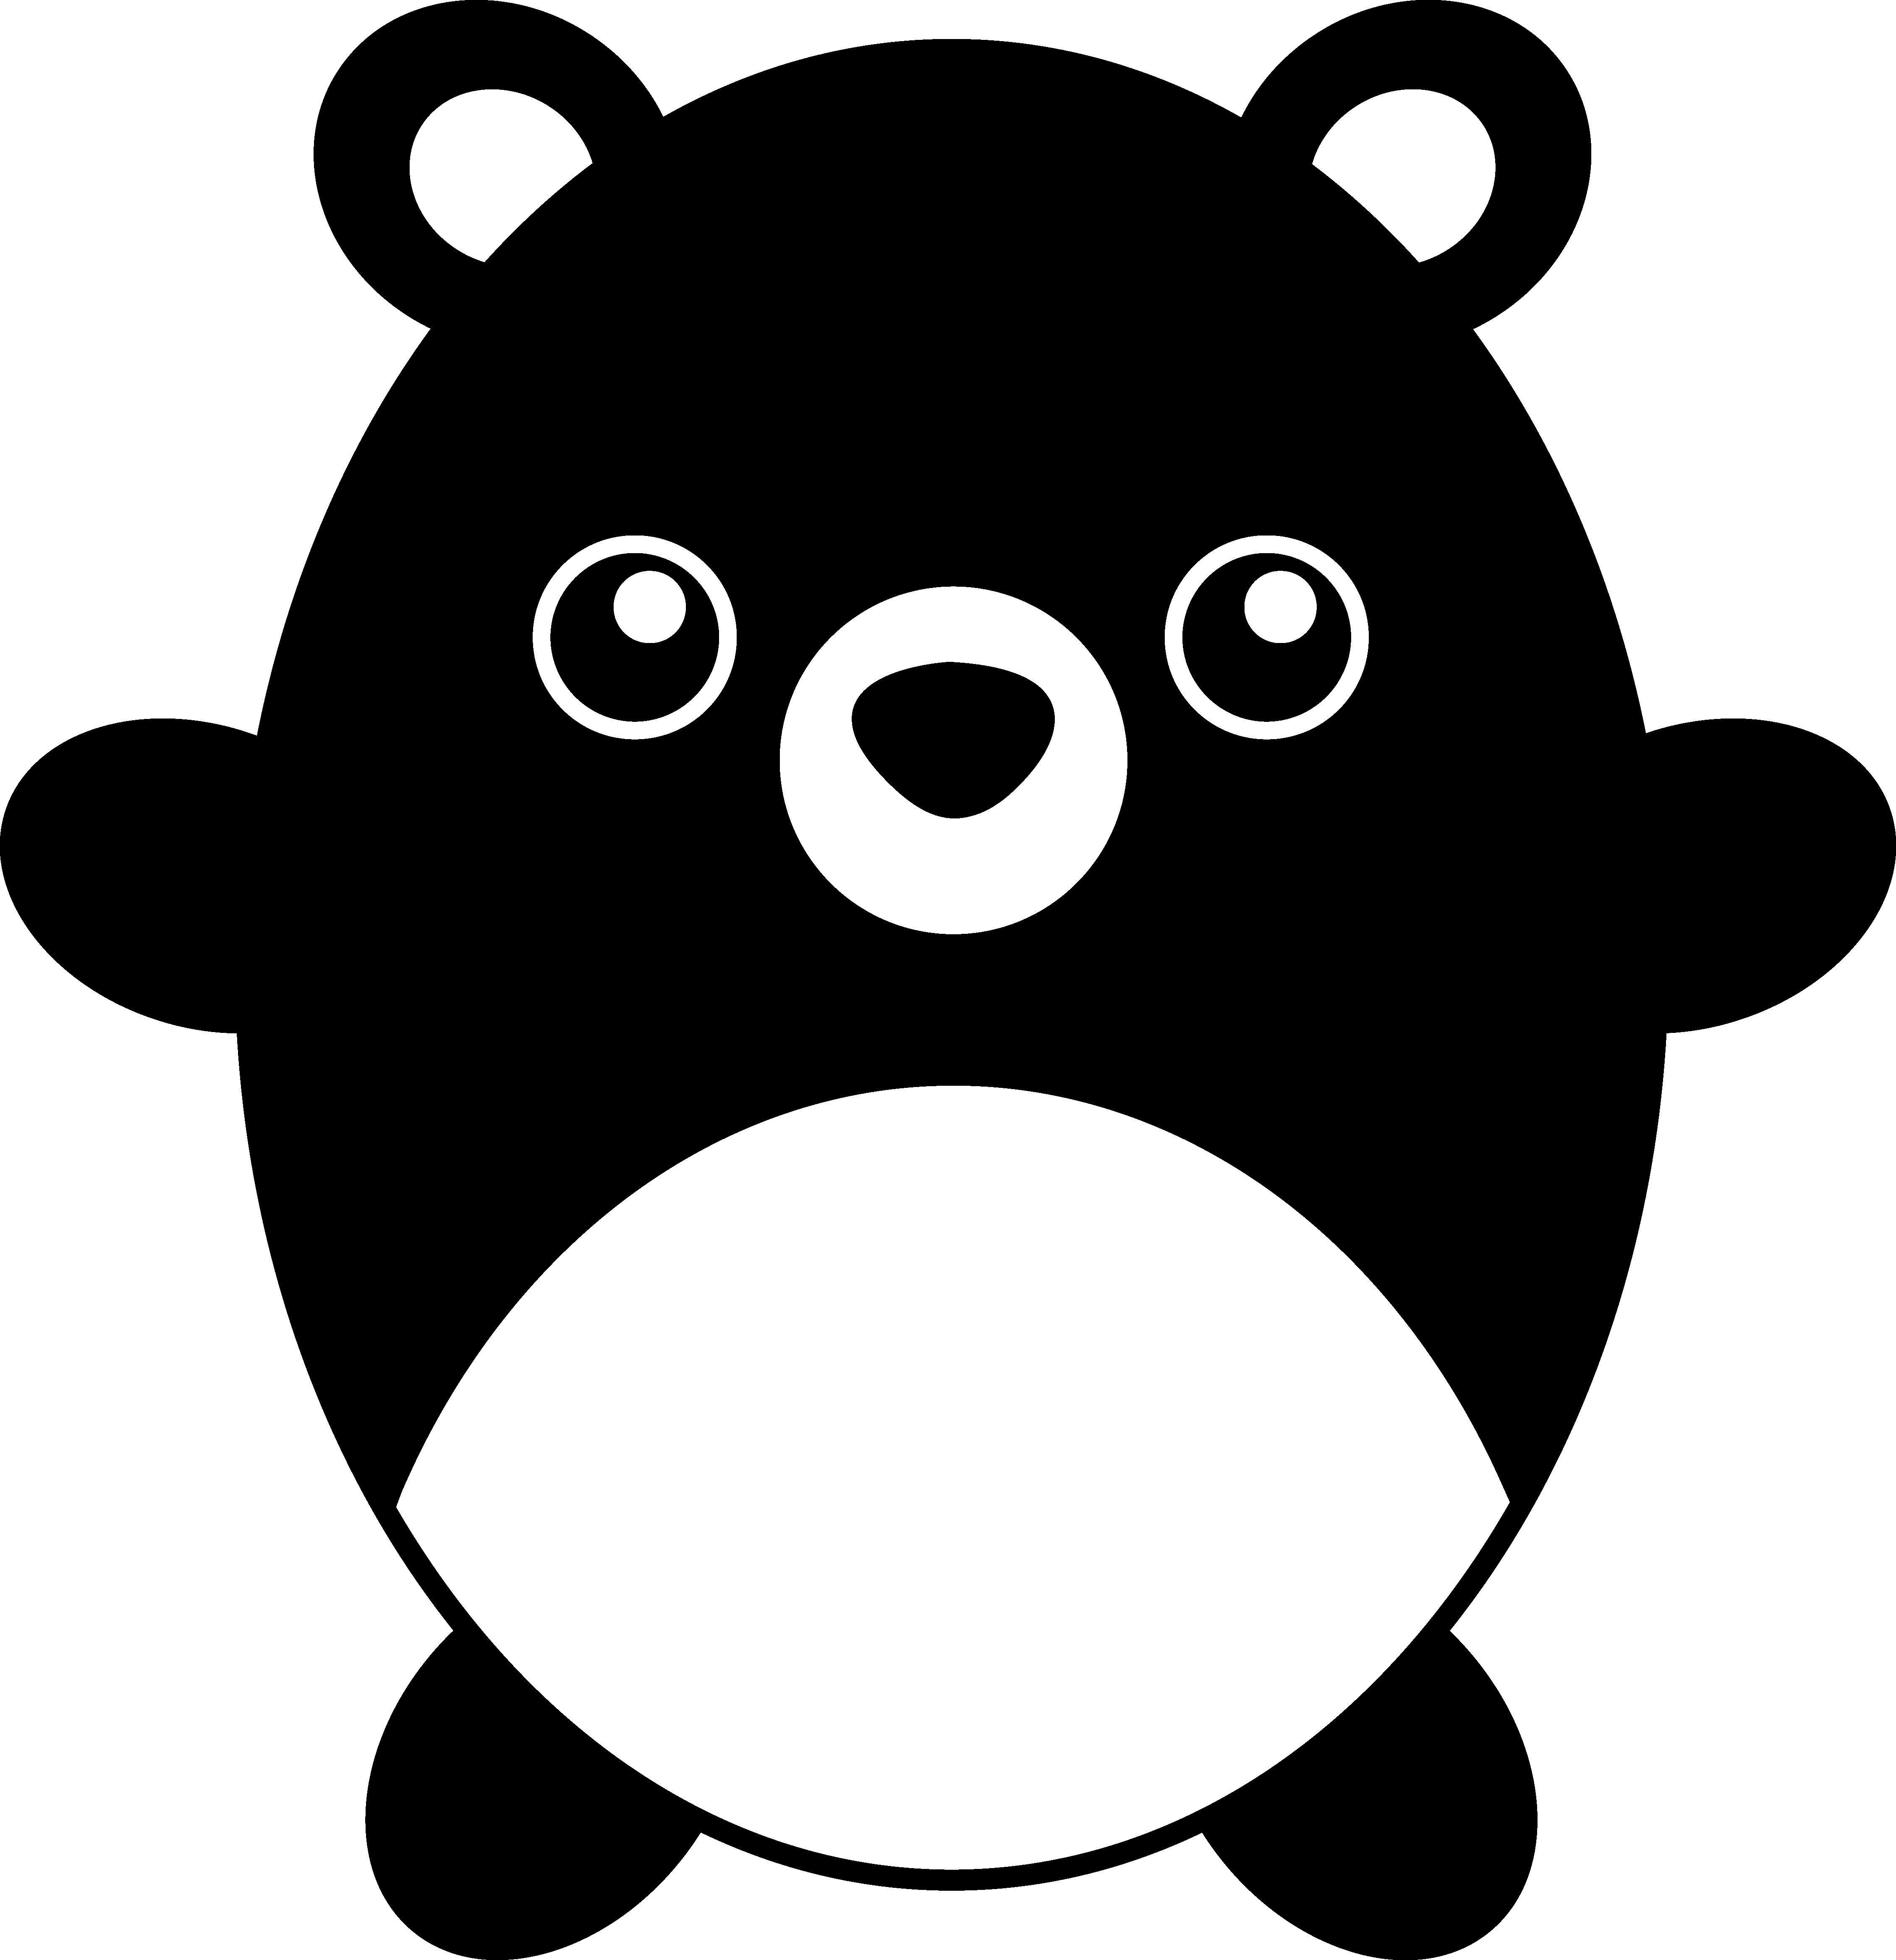 Cute chubby black free. Medical clipart teddy bear